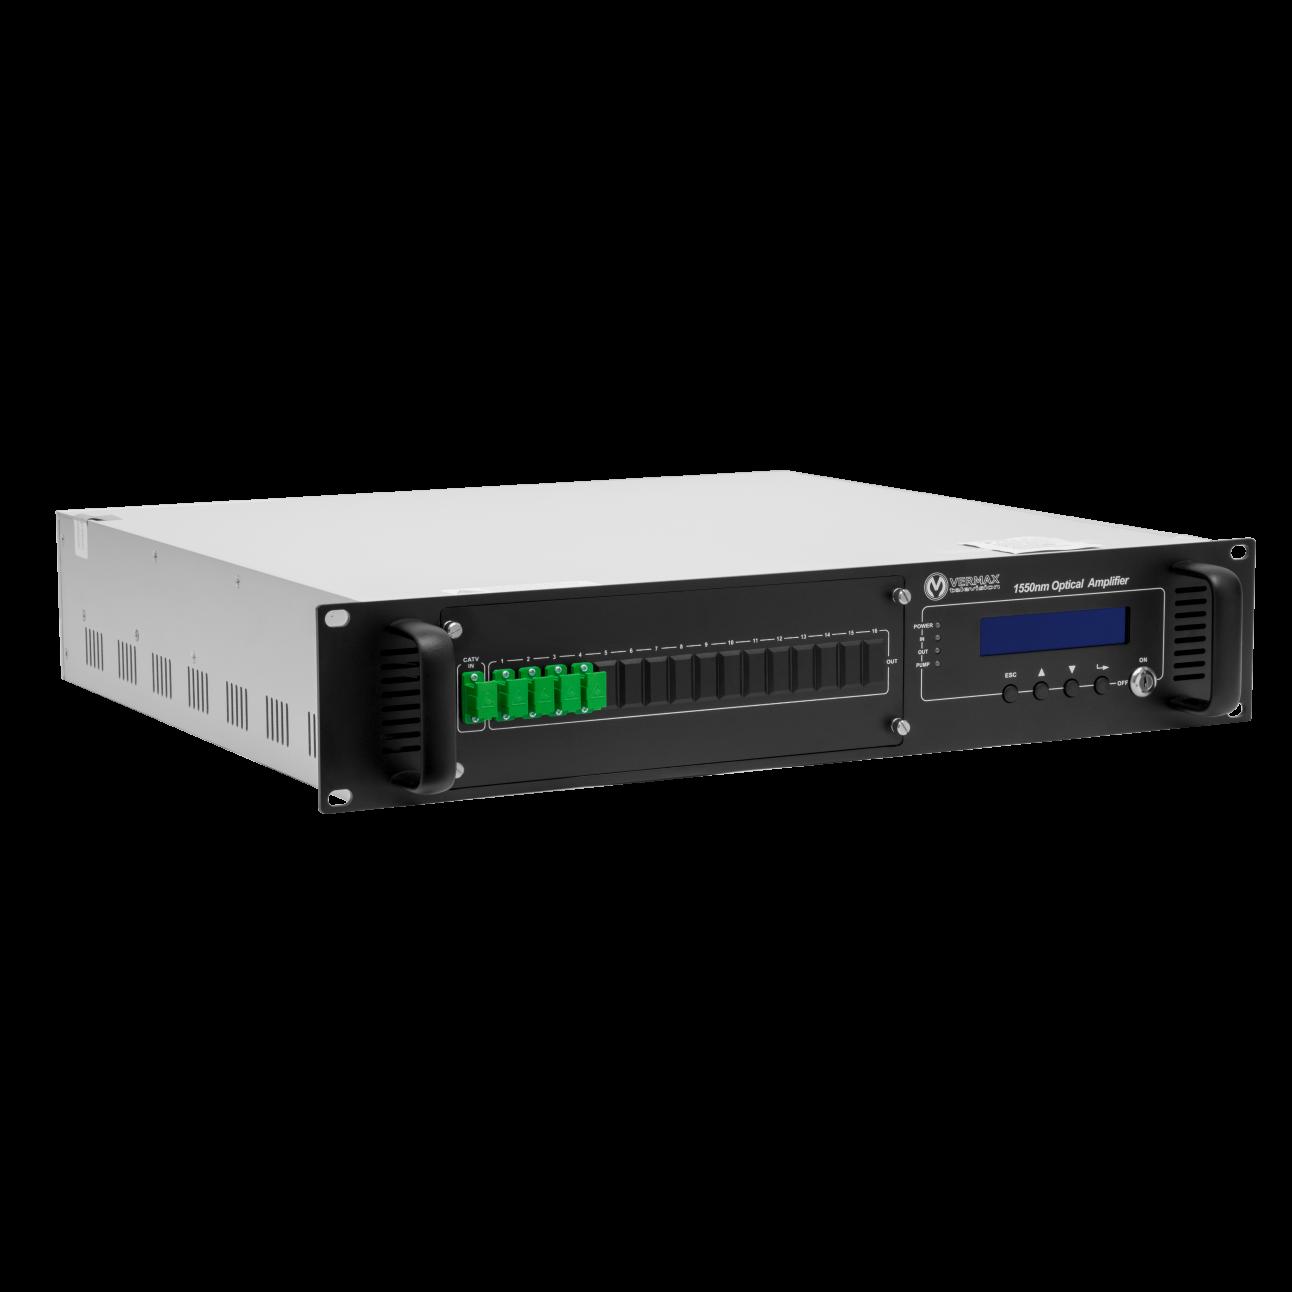 Оптический усилитель VERMAX для сетей КТВ, 4*23dBm, WDM фильтр PON